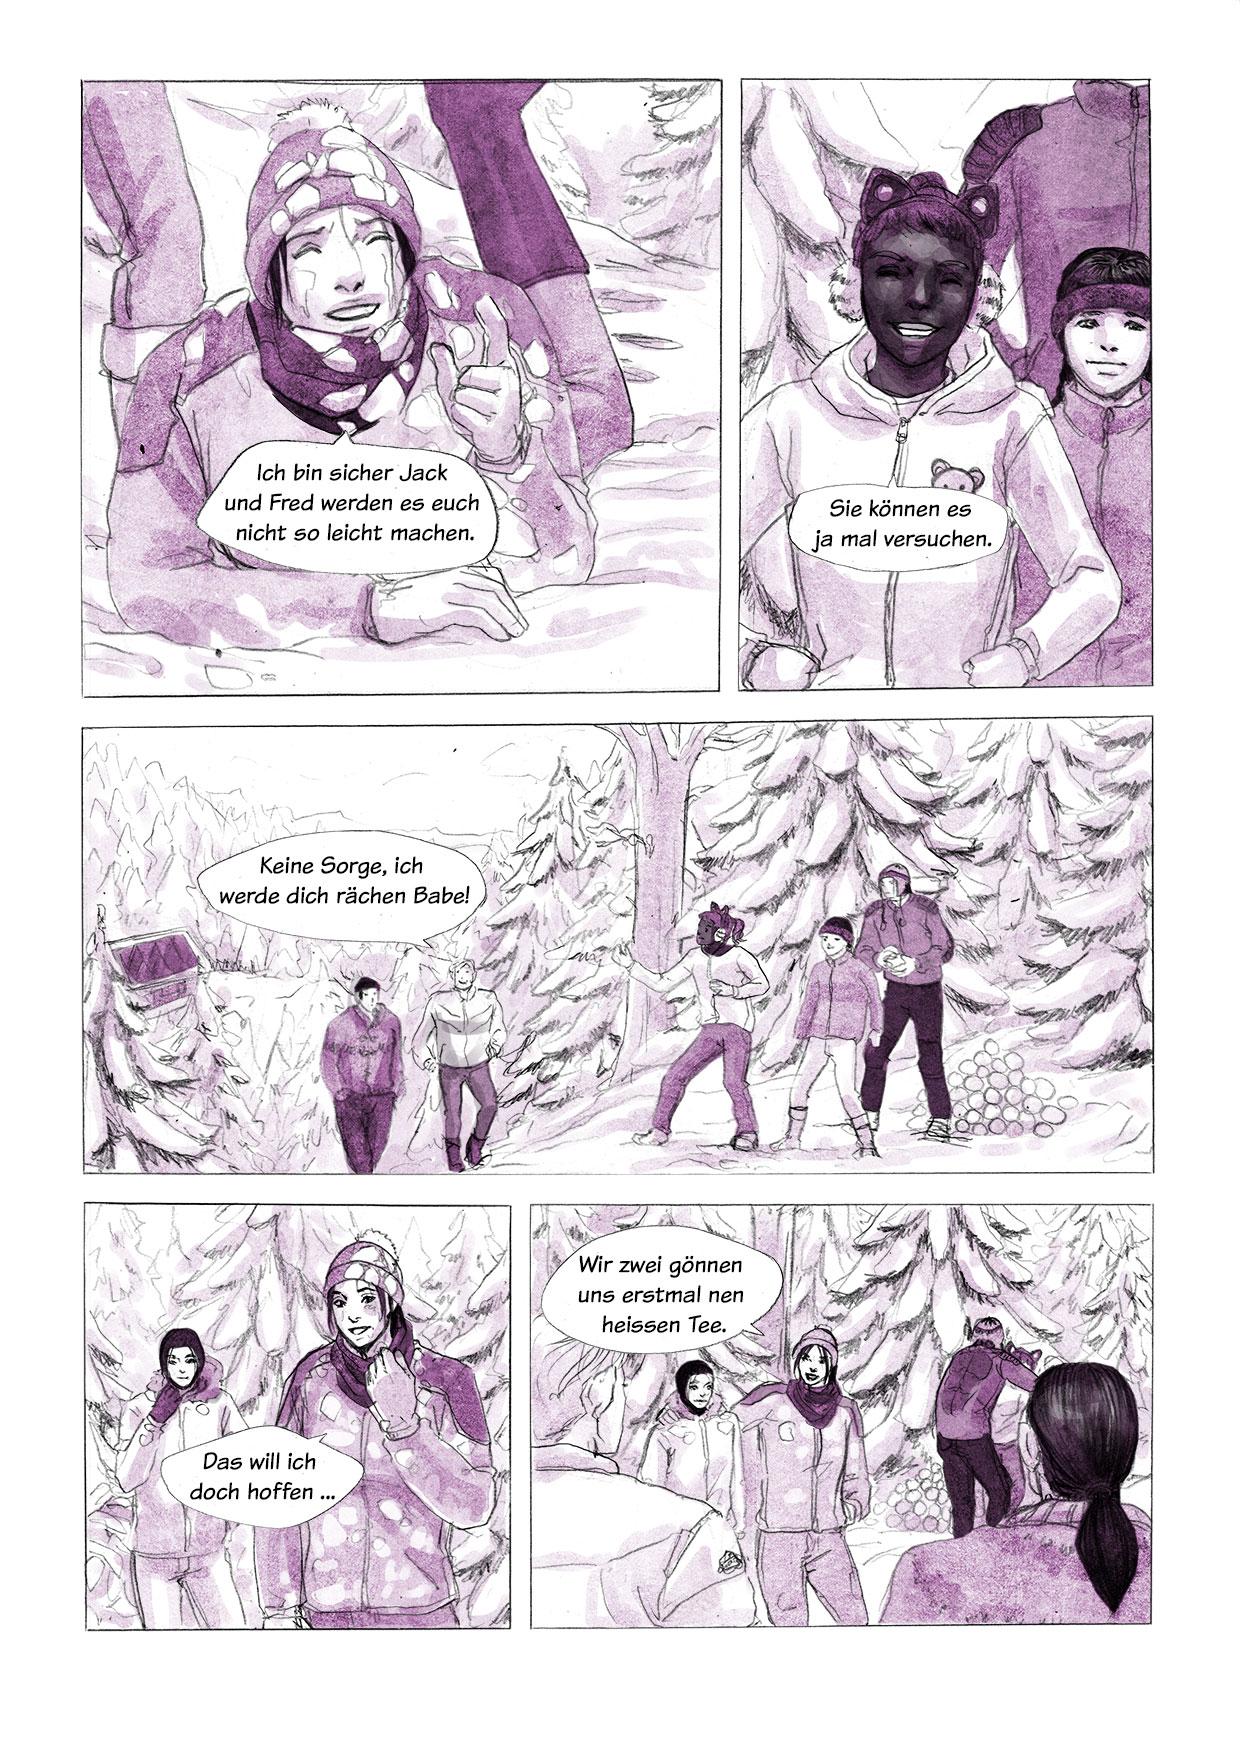 Buch 01, Spezial 02 – Seite 04